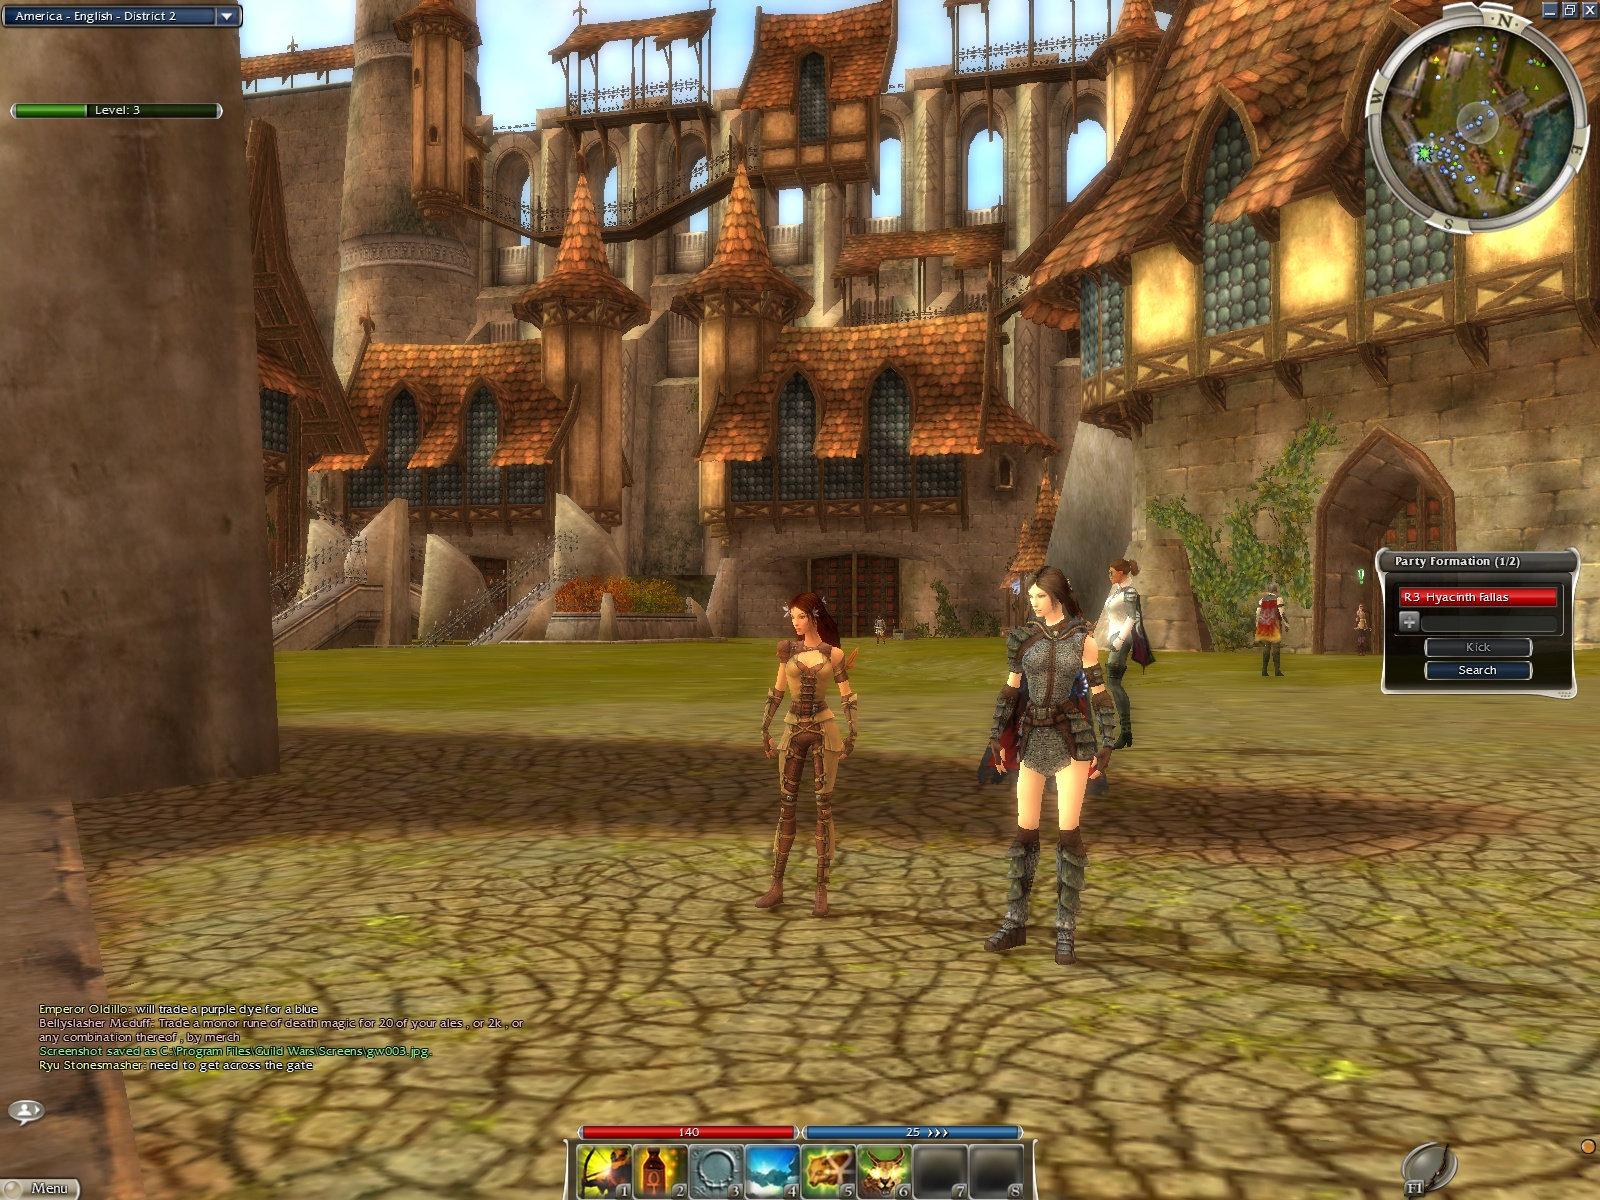 guild wars 2 server emulator